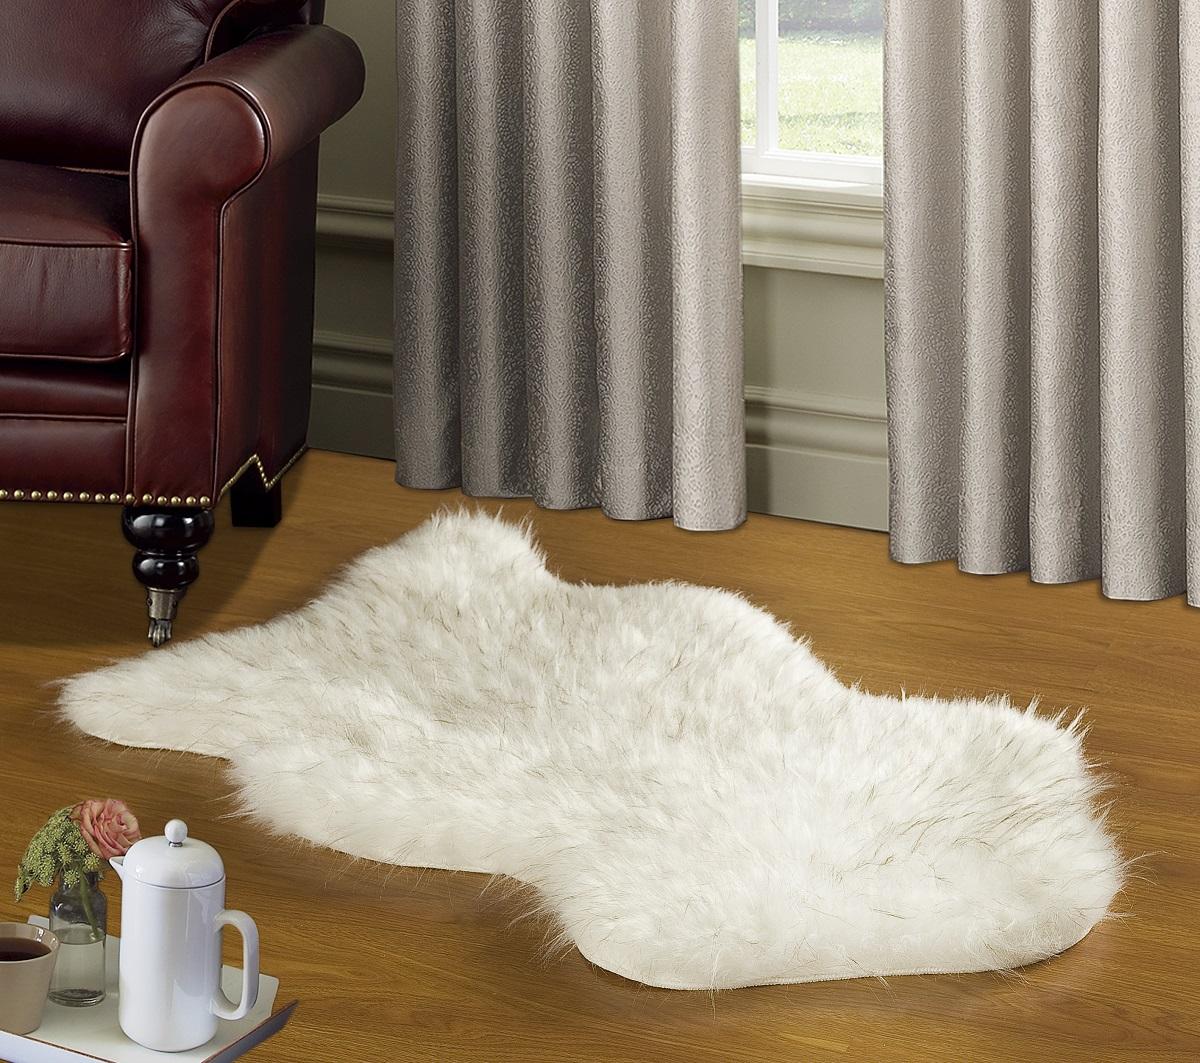 Коврик Modalin Manal, цвет: белый, 50 х 90 см5006/CHAR003Коврик odalin Manal выполнен из искусственного меха. Изделие долго прослужит в вашем доме, добавляя тепло и уют, а также внесет неповторимый колорит в интерьер.